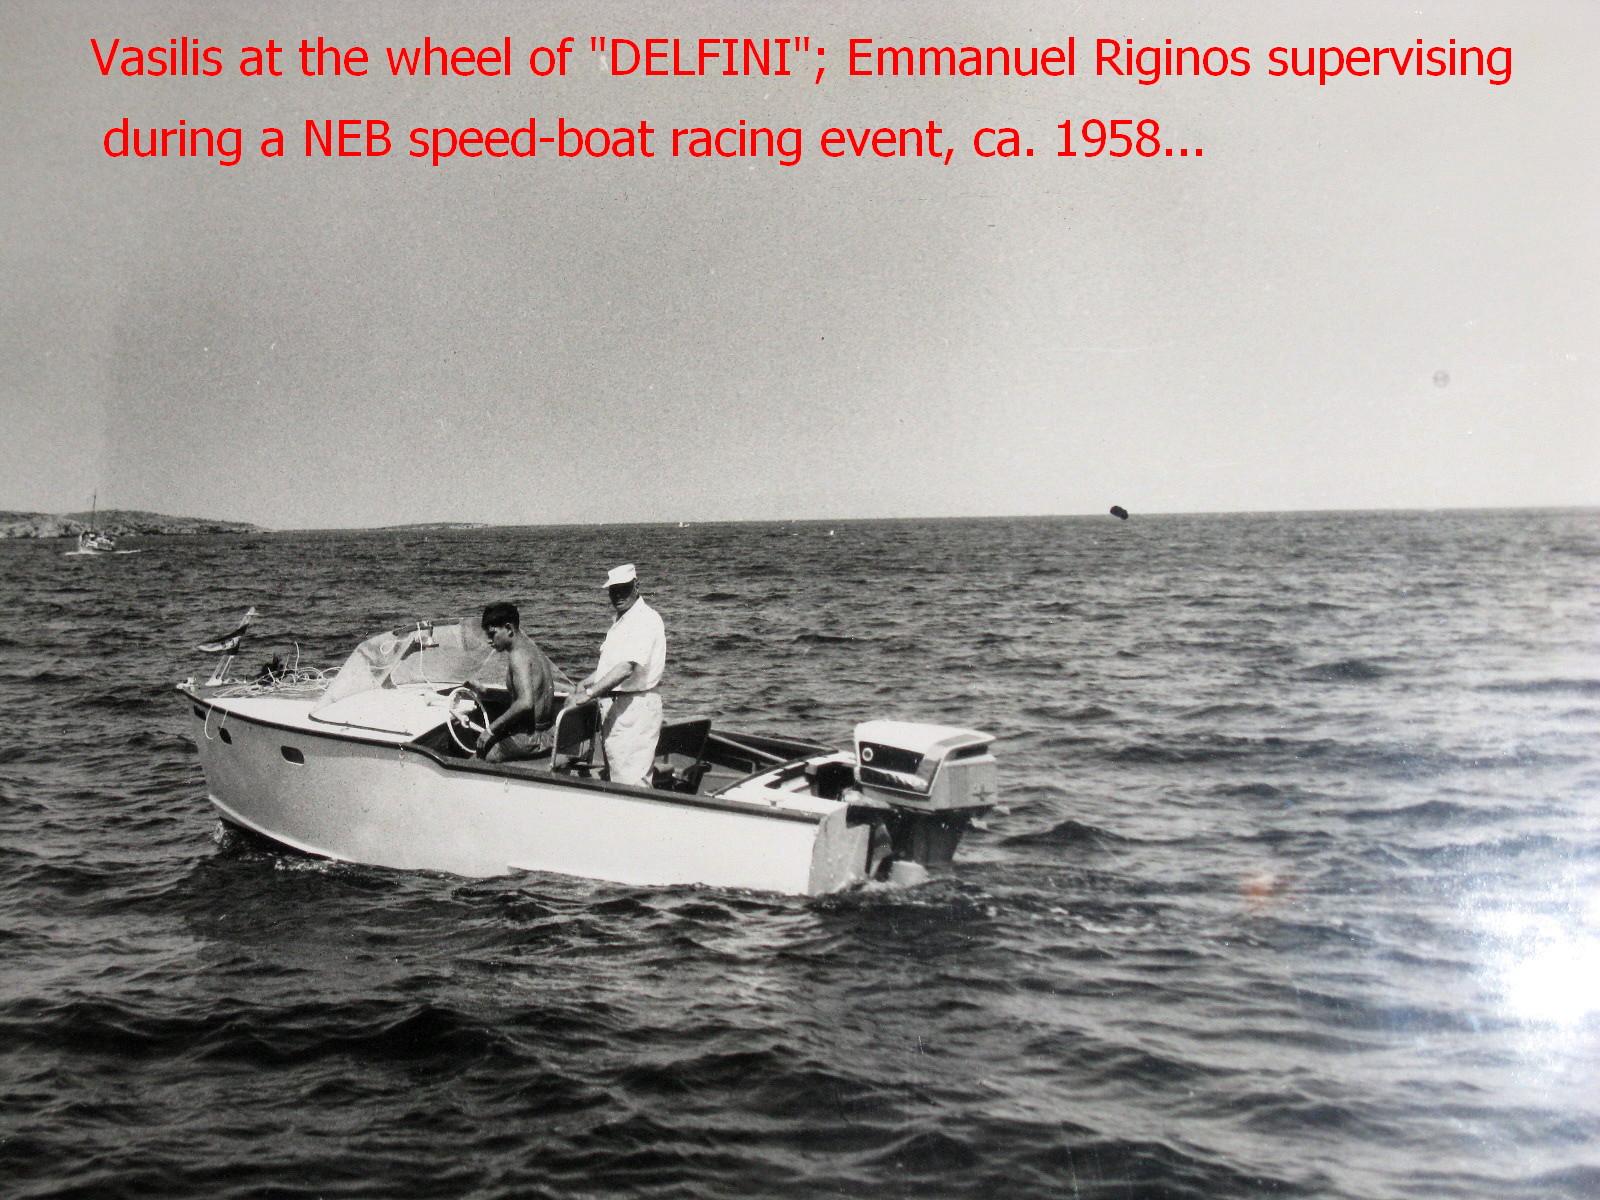 Bluebird Wood Speedboat Tin Outboard Motor 1920 s Boat | eBay